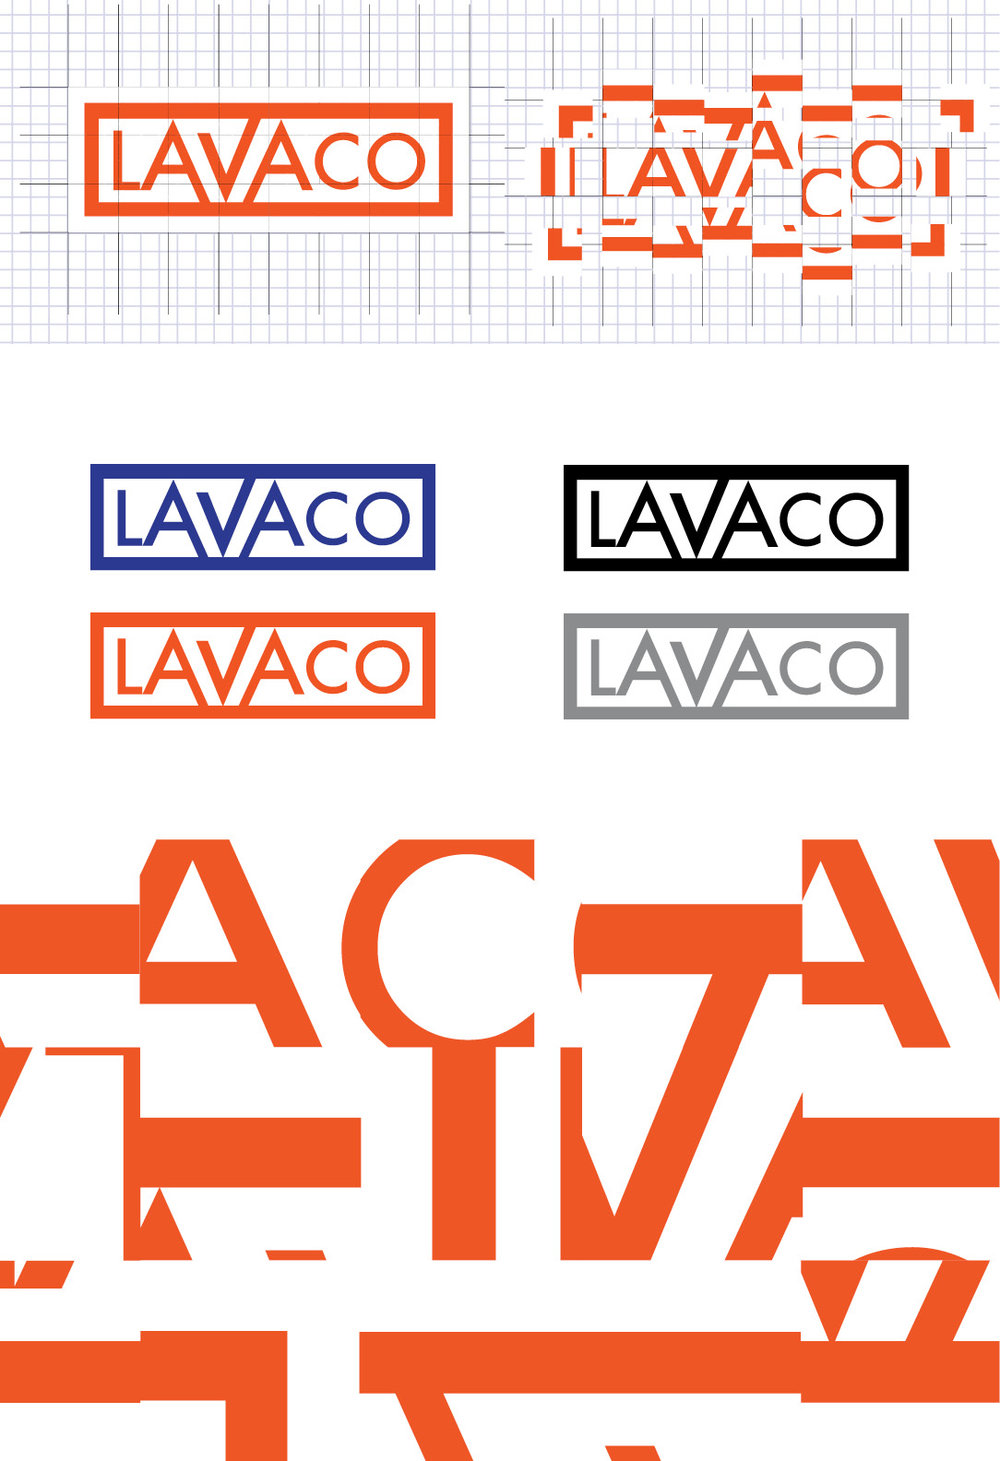 LAVACO Naming Images LOGO.jpg